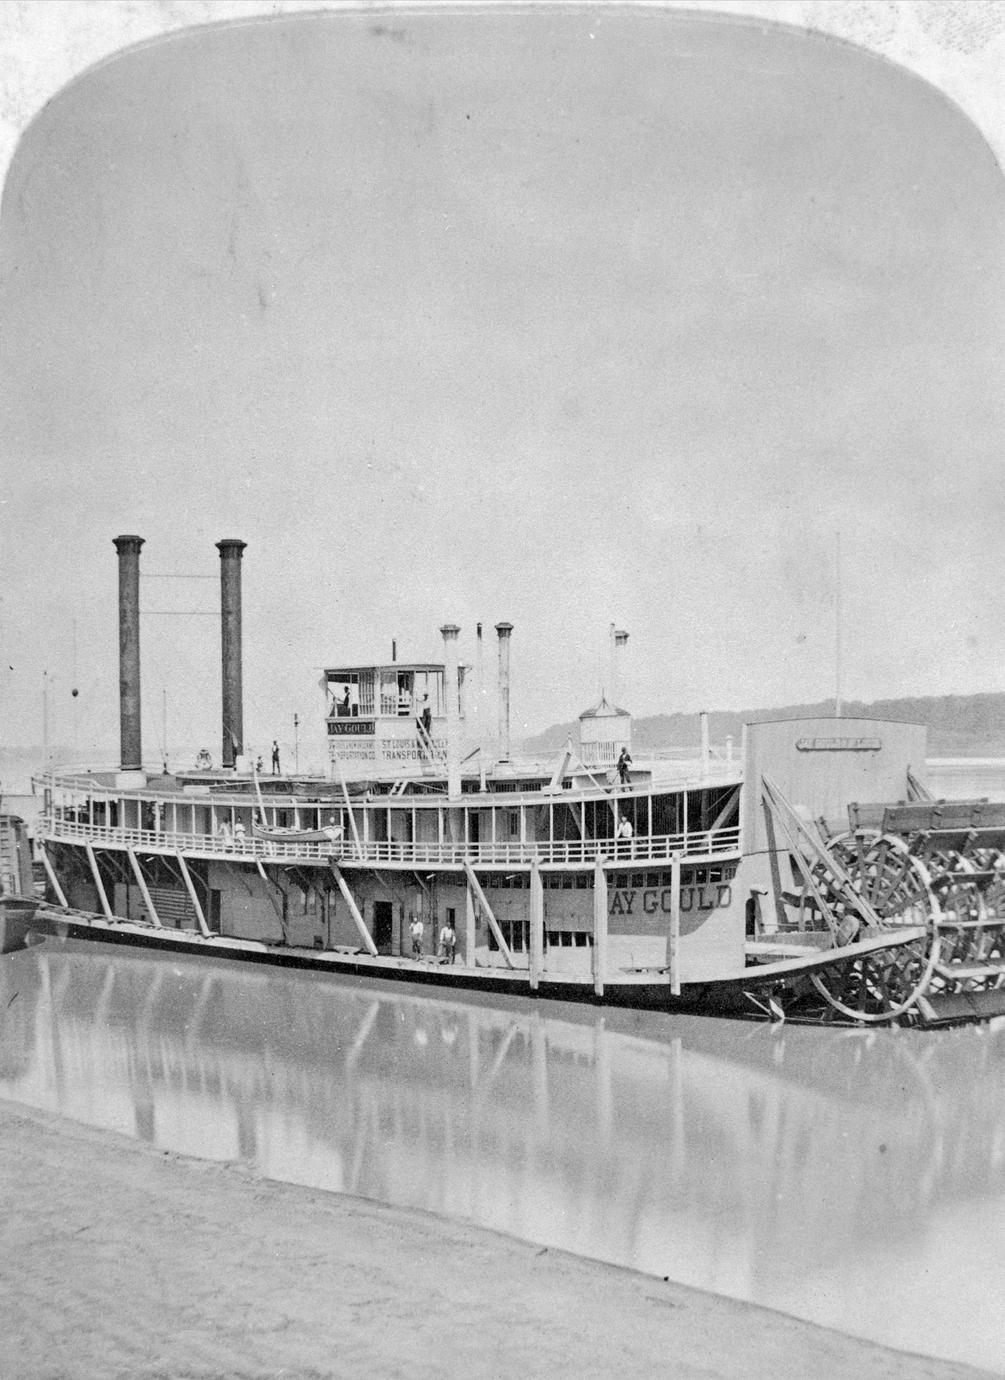 Jay Gould (Towboat, 1880-1896)